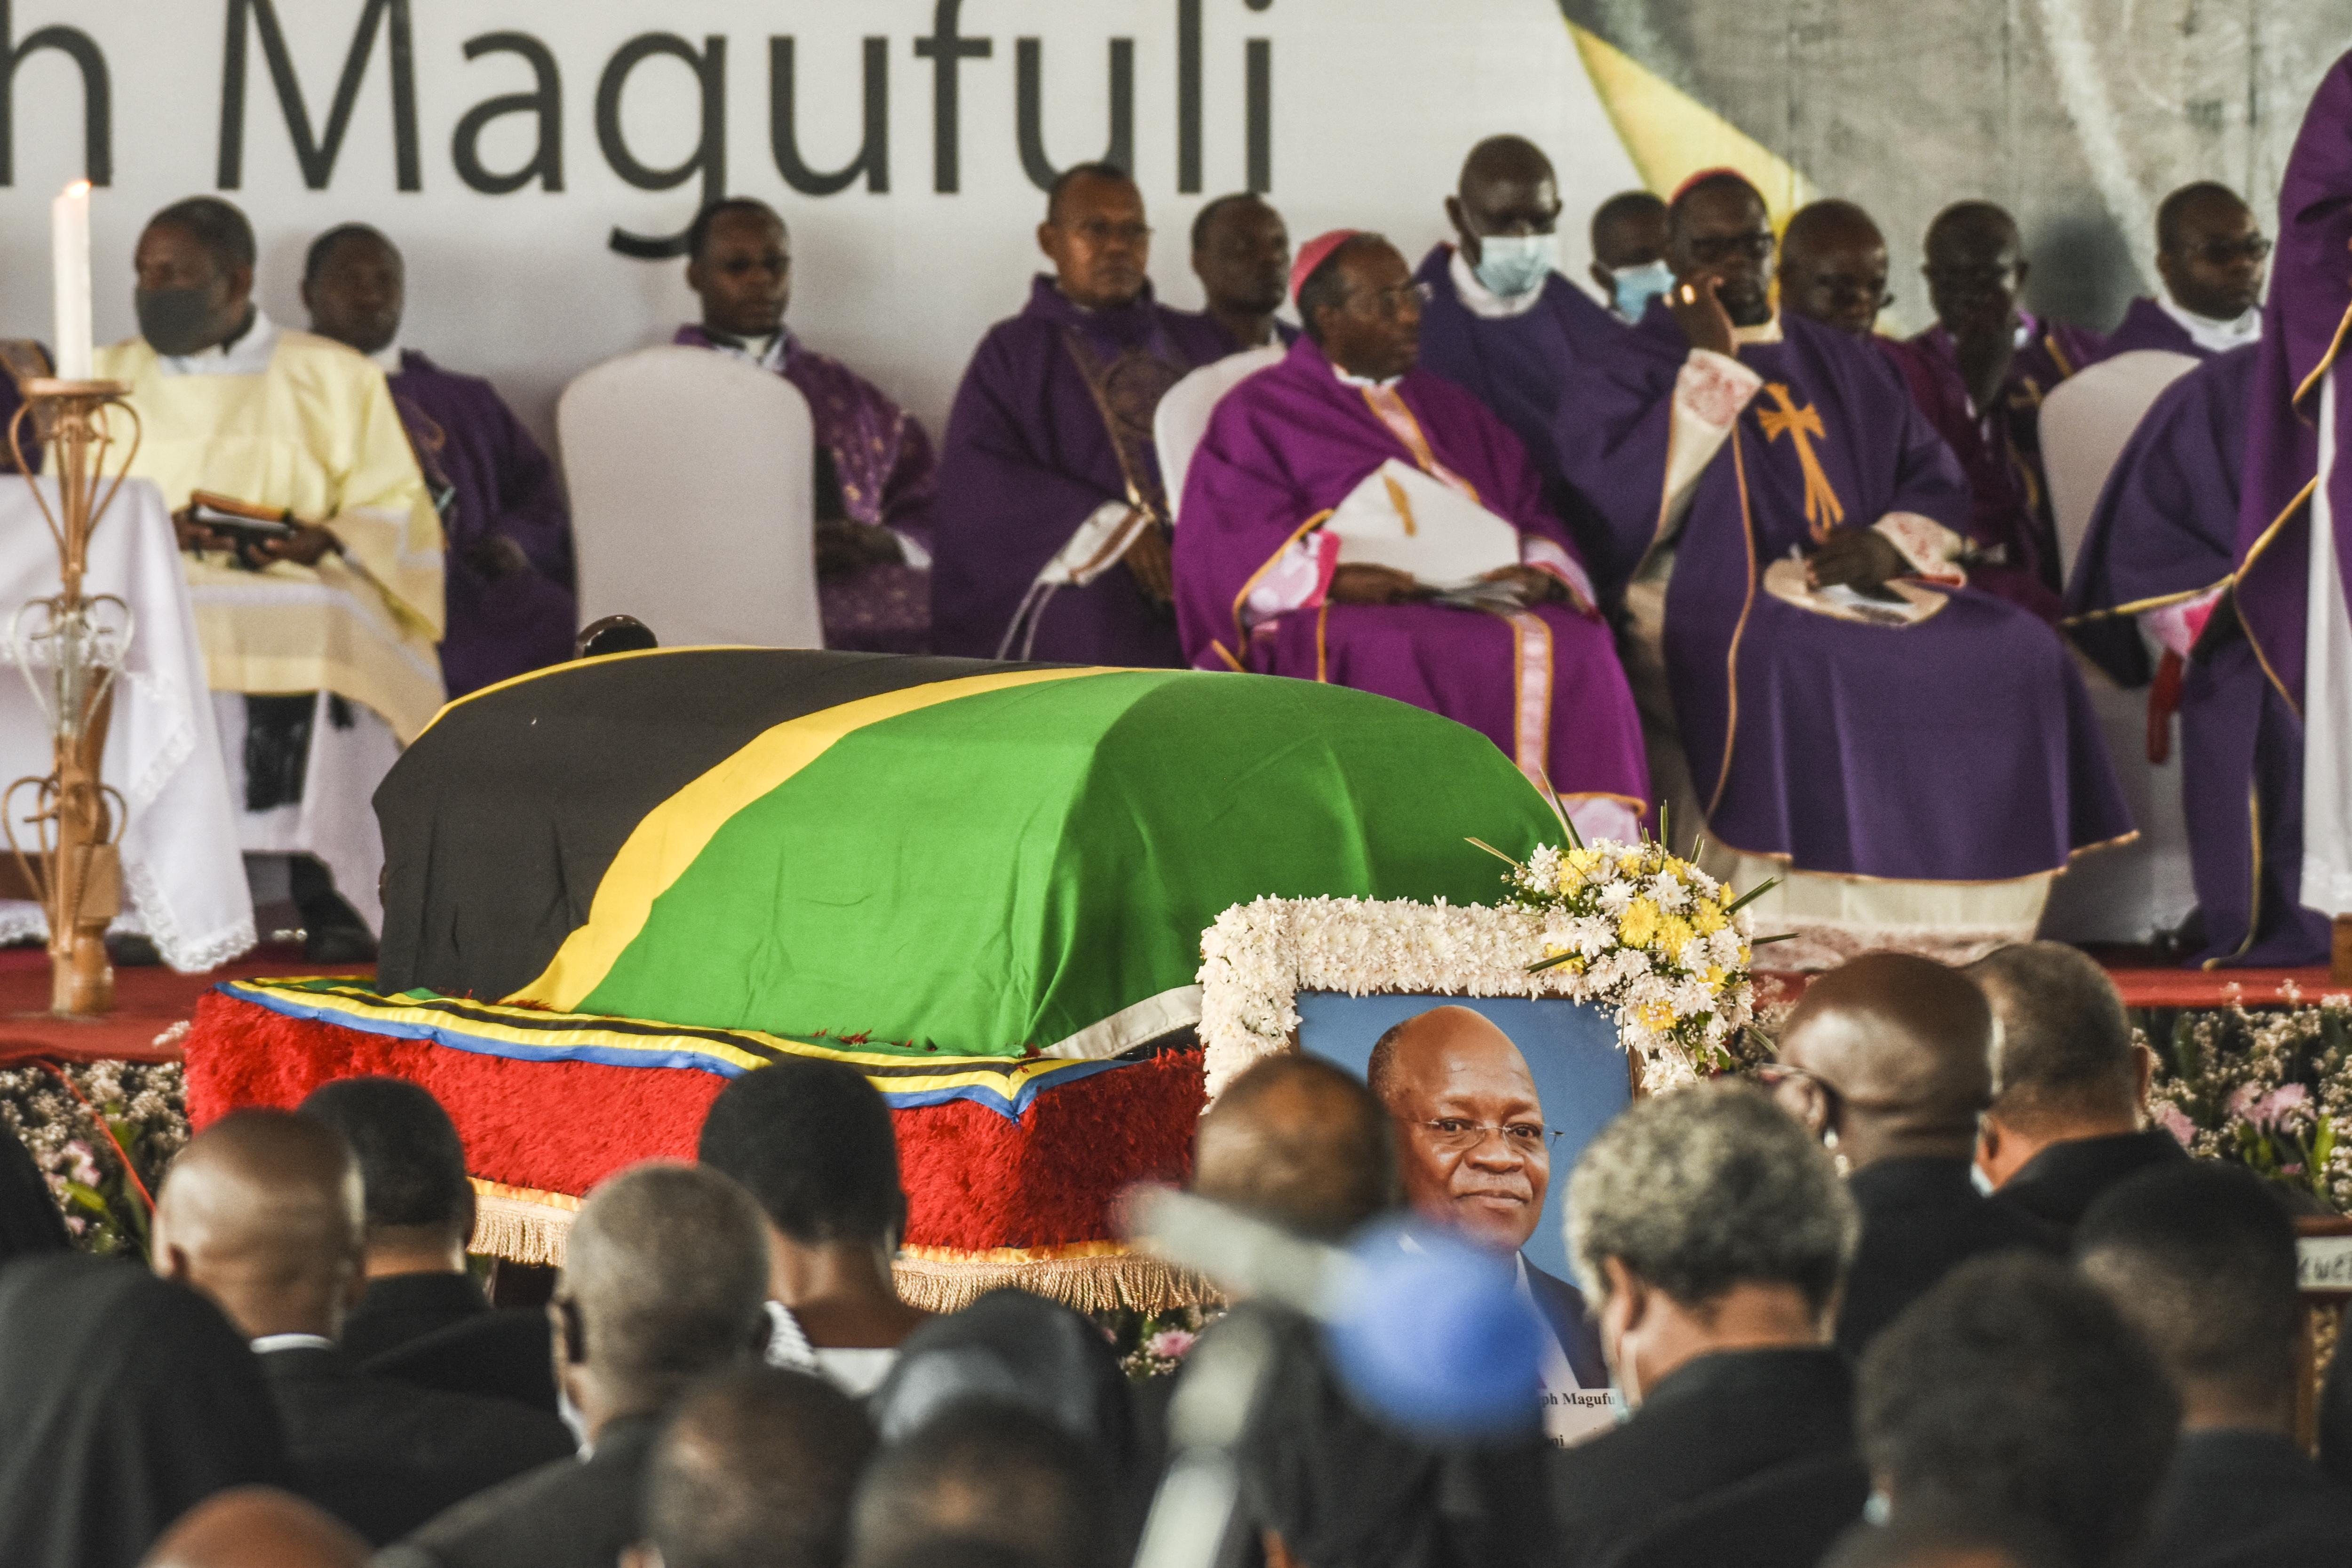 Negyvenöten meghaltak Tanzániában az elnök temetési szertartásán